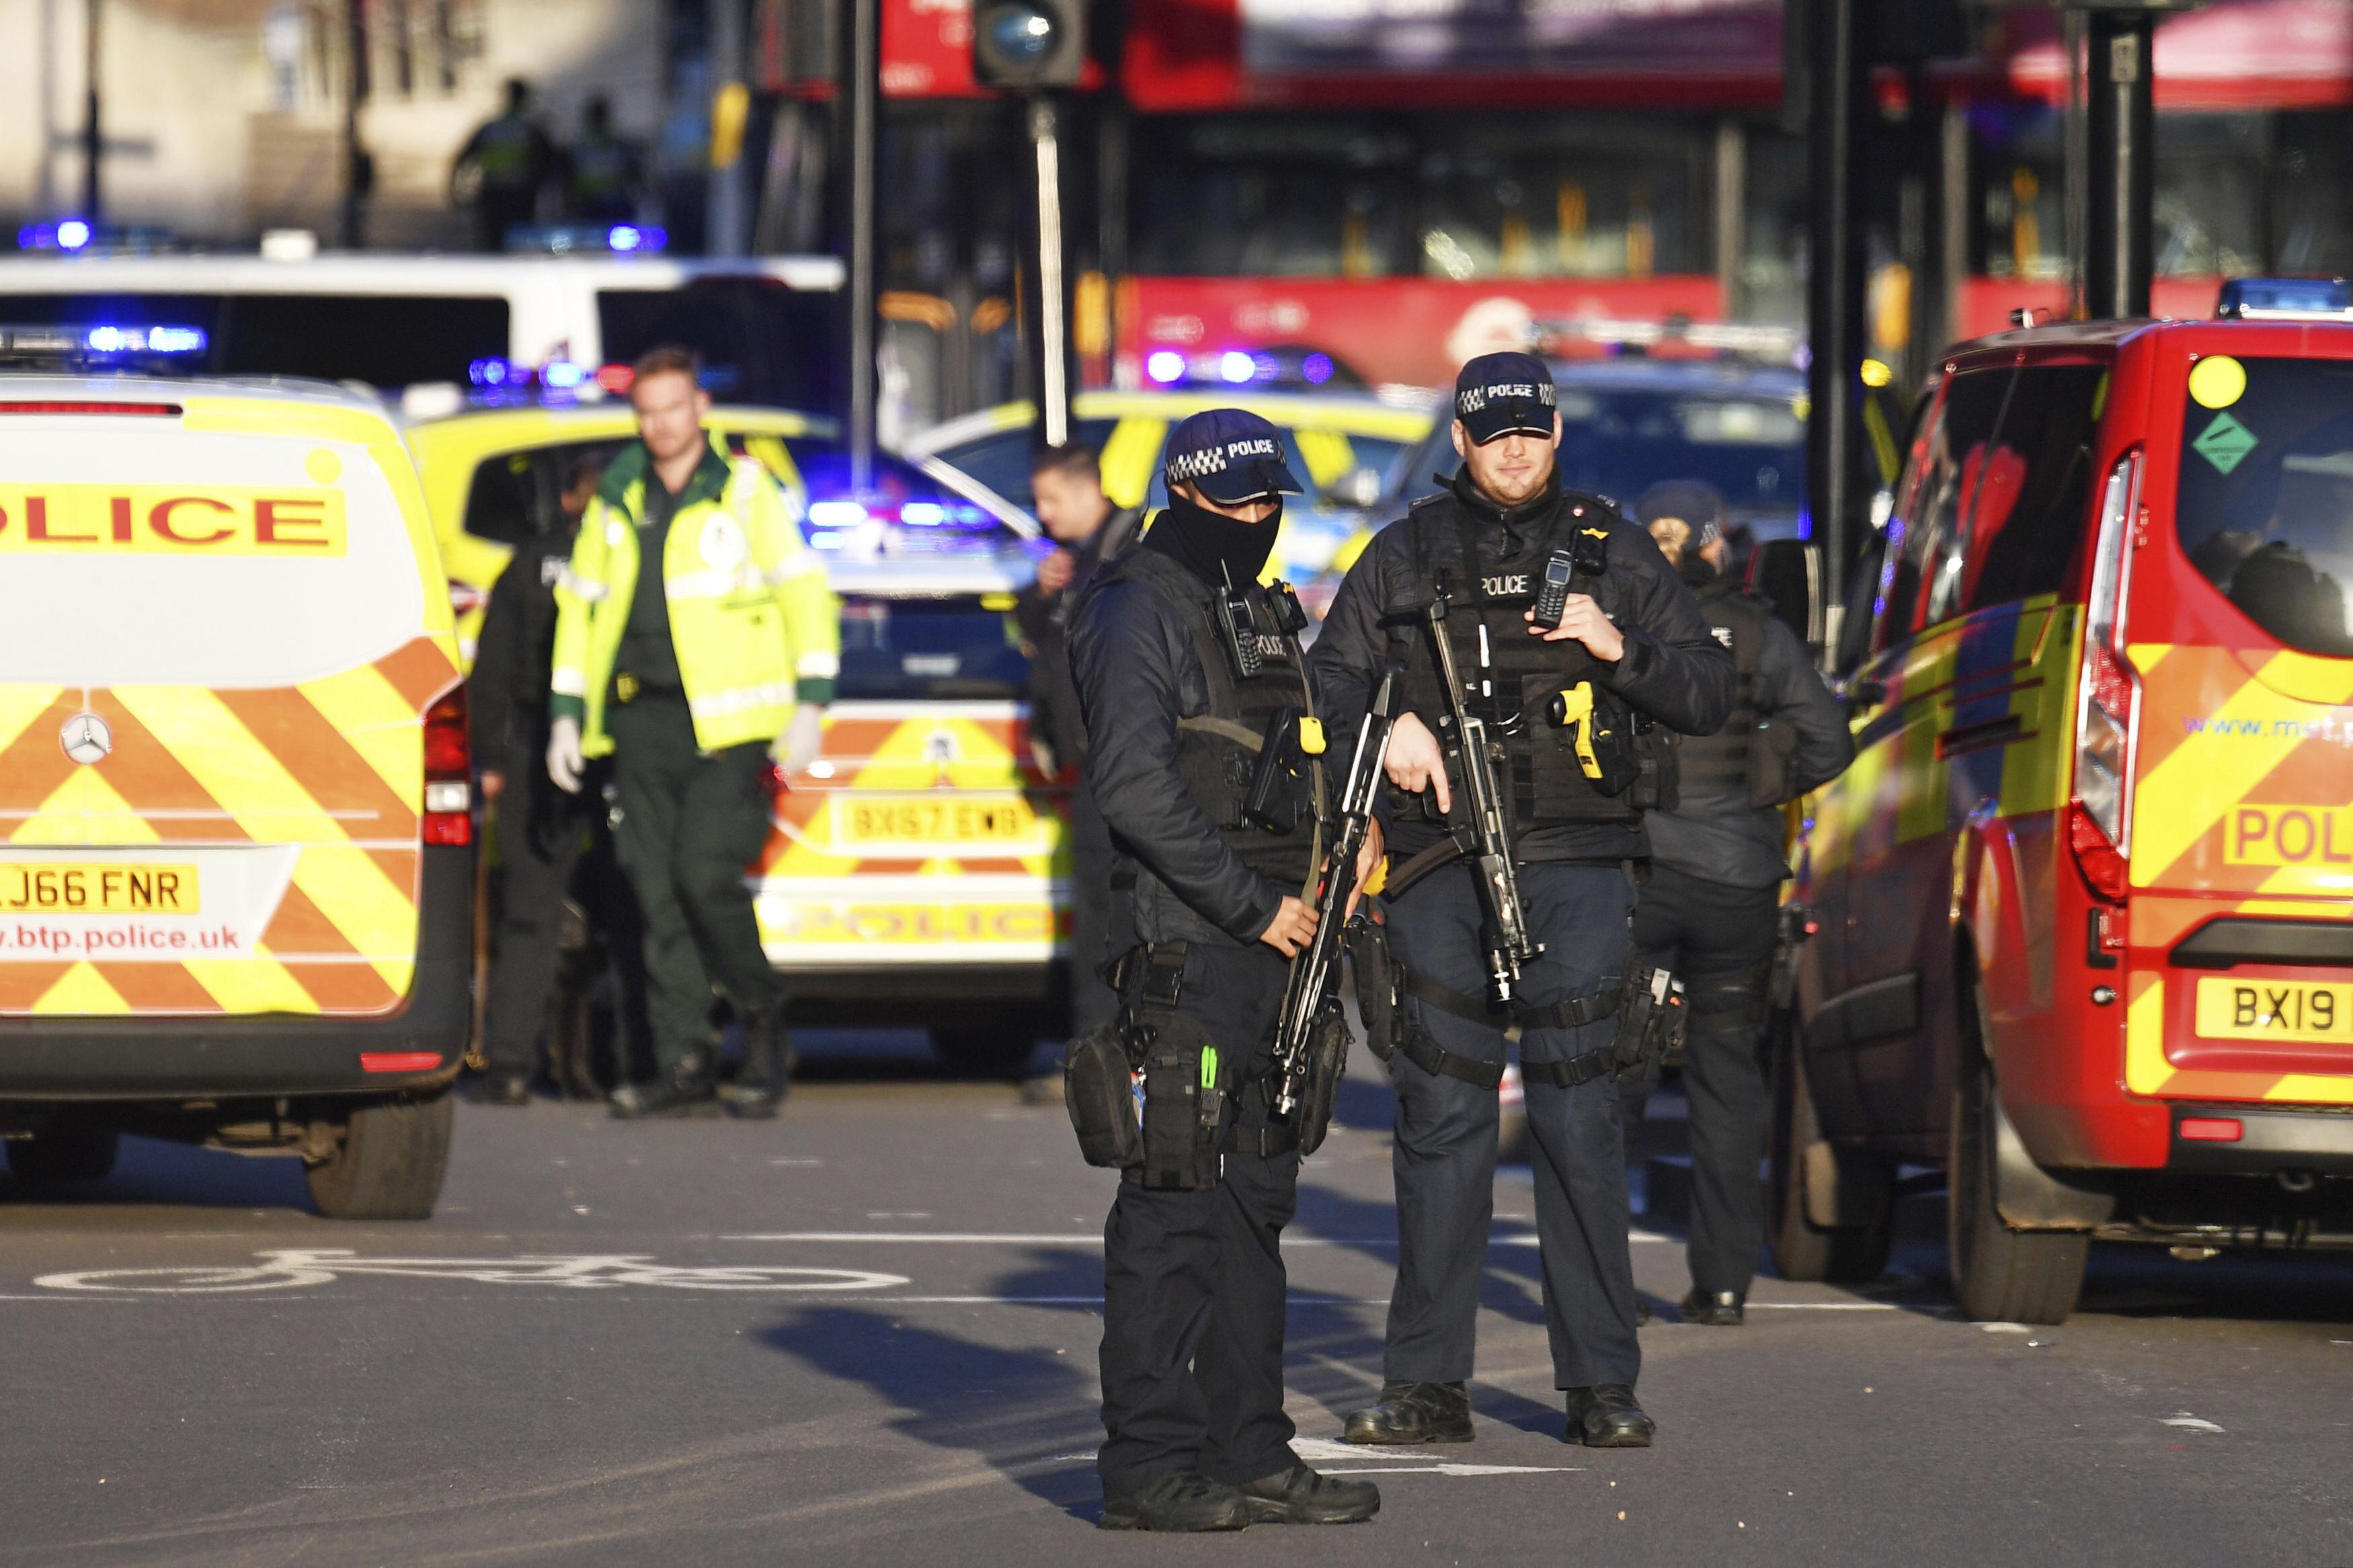 2019年11月29日下午,英國首都倫敦「倫敦橋」附近發生持刀殺人事件,警方緊急處理(AP)